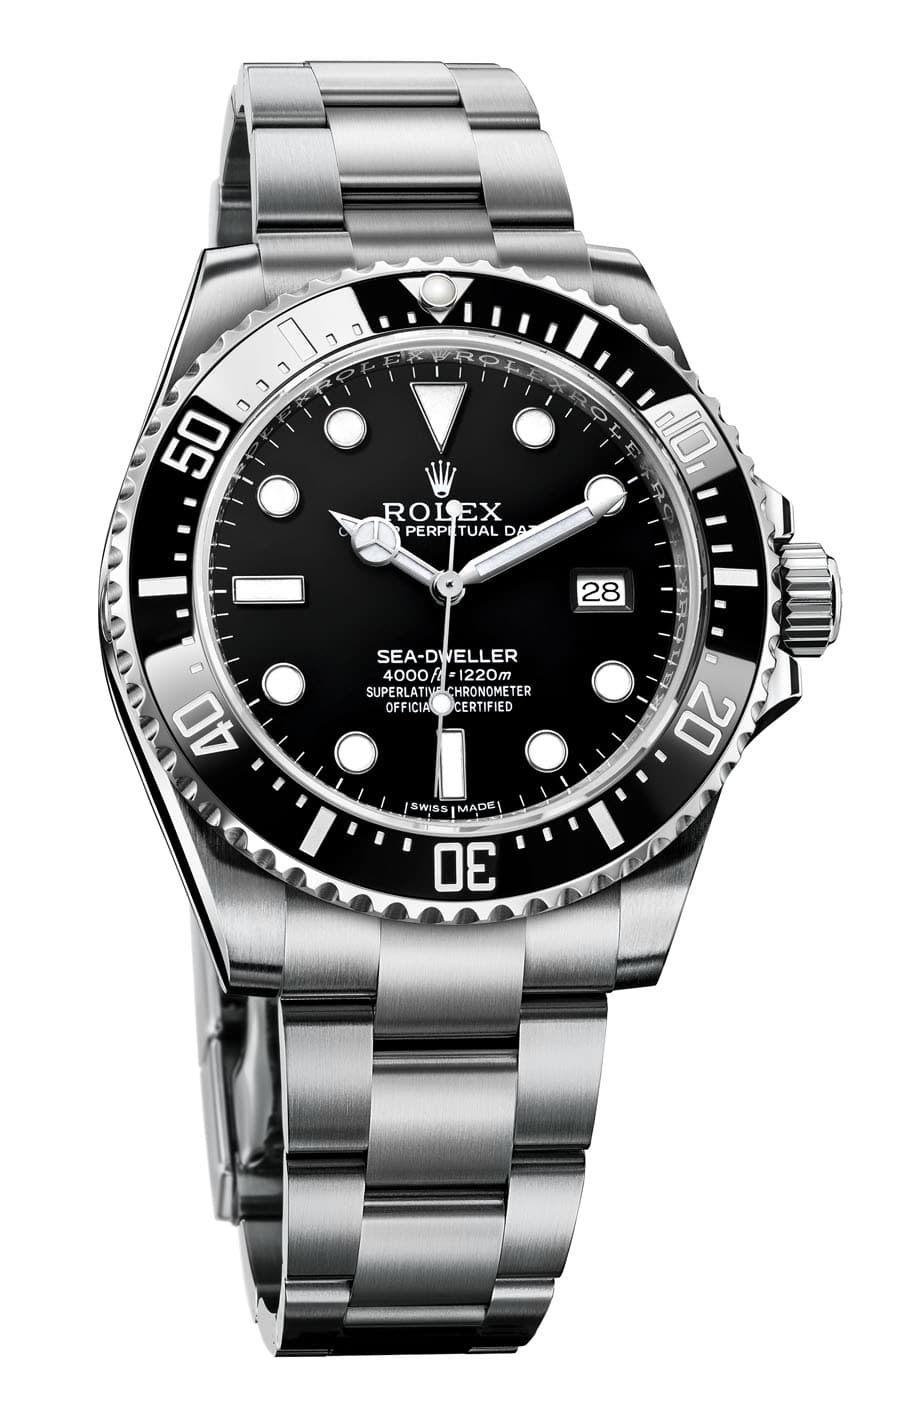 Taucheruhr 2014: Rolex Sea-Dweller 4000